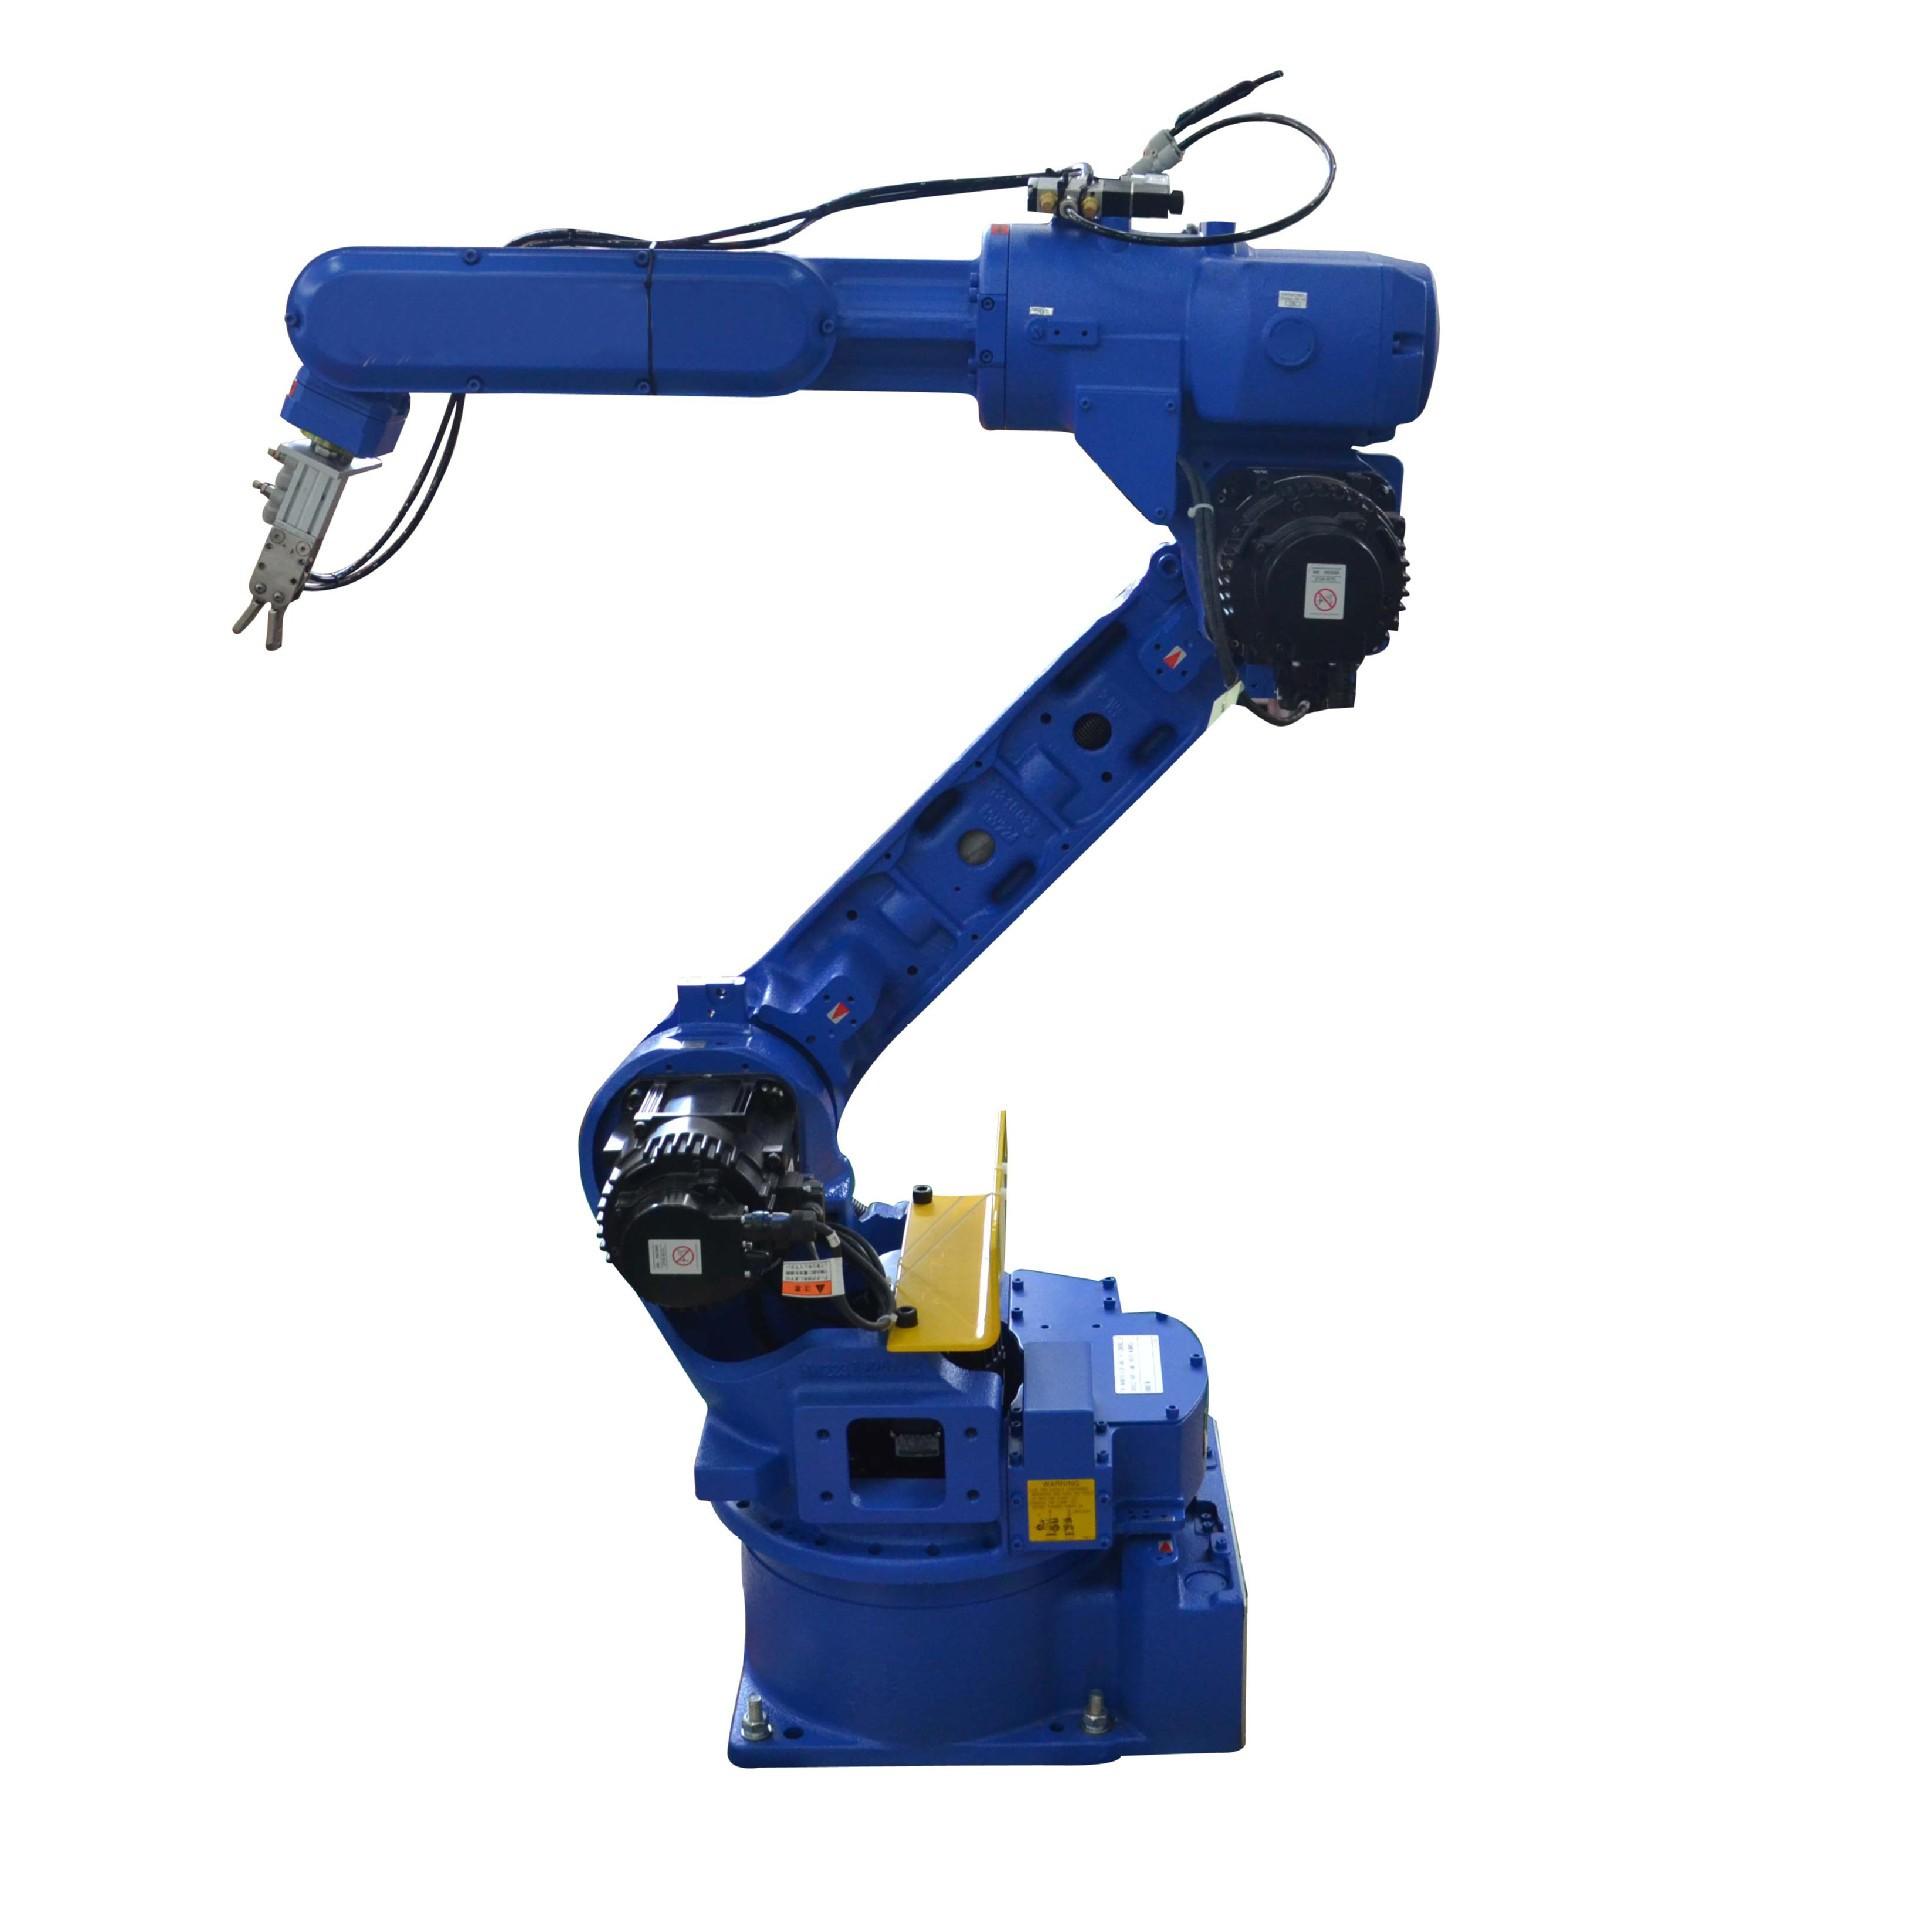 广东工业 机器人 自动化 机械手 喷涂机器人 焊接